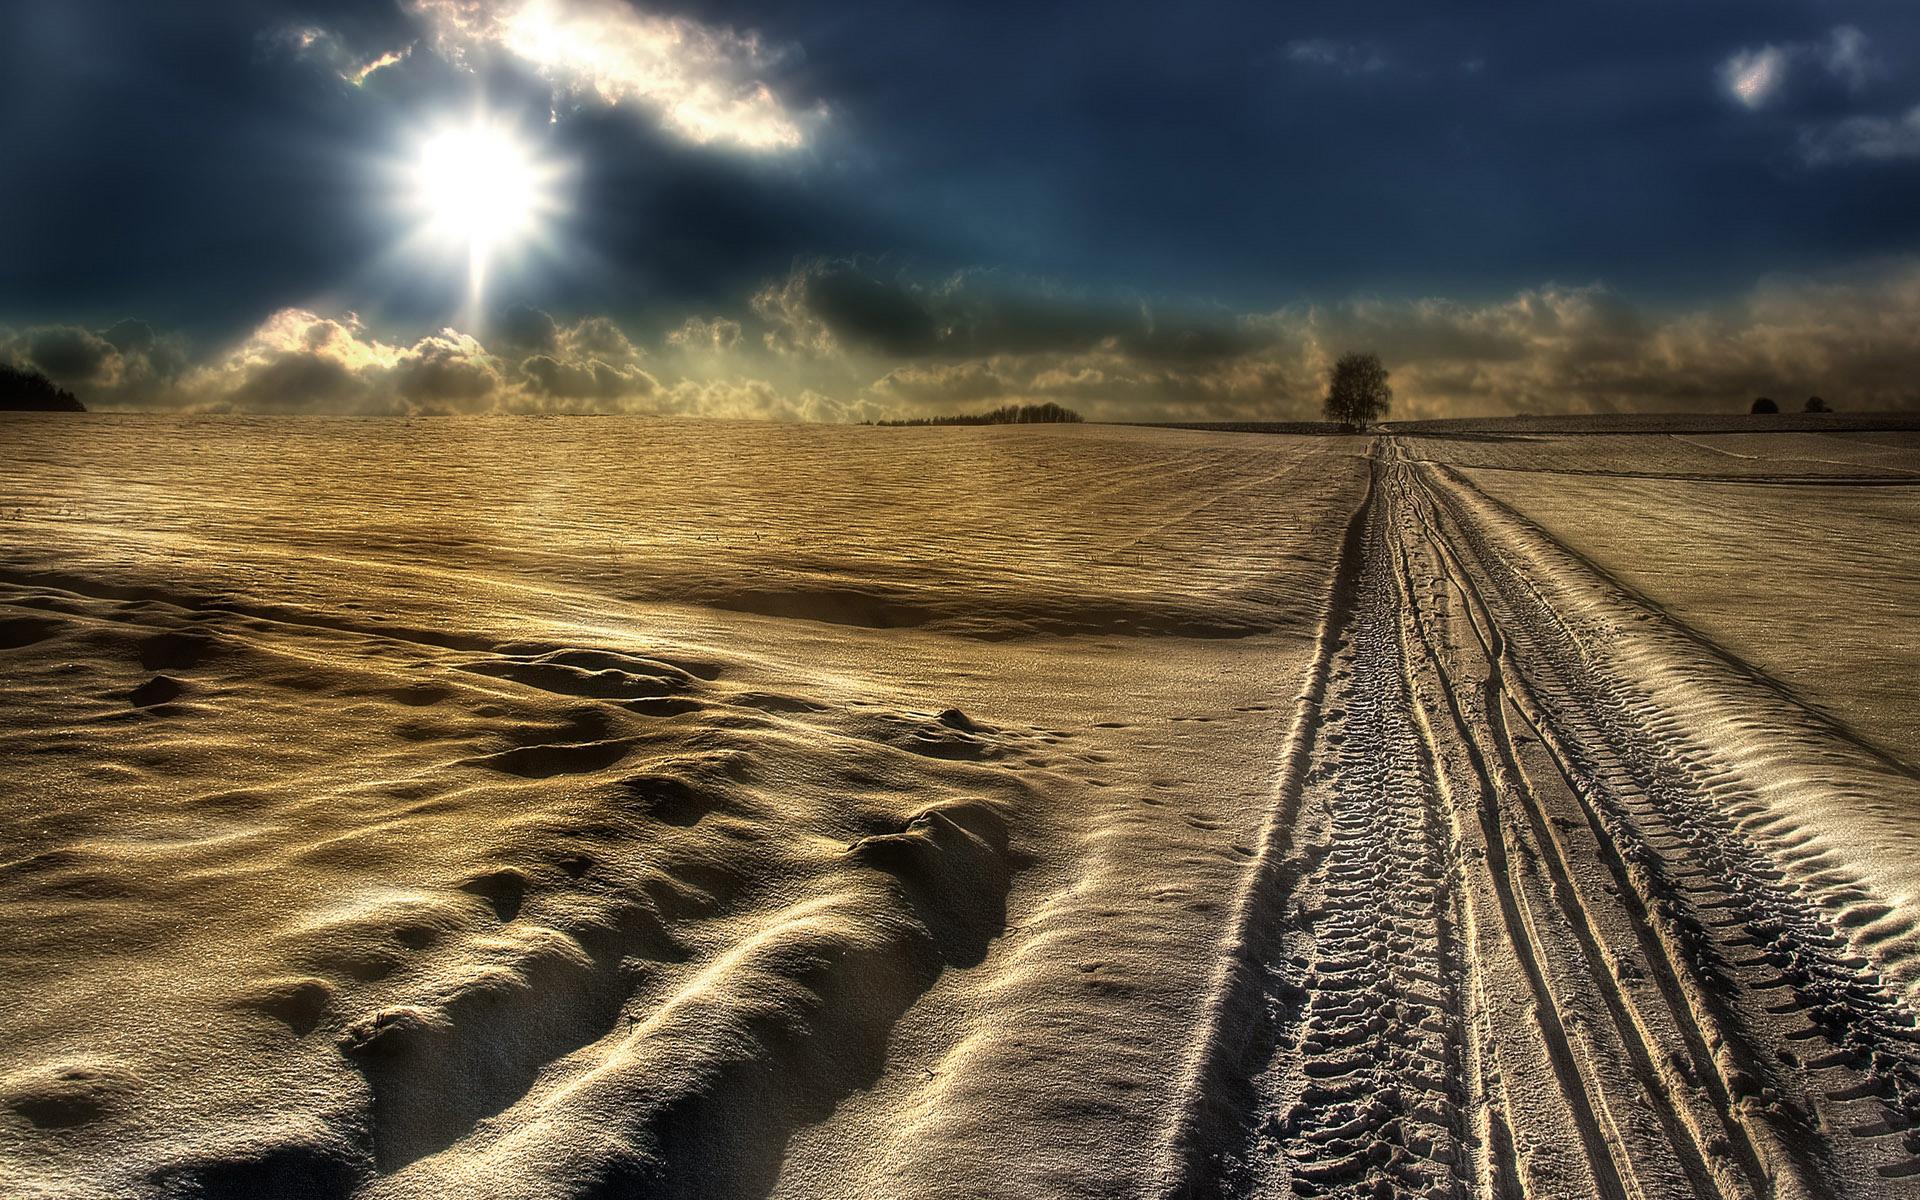 Мороз и солнце - поле и дорога